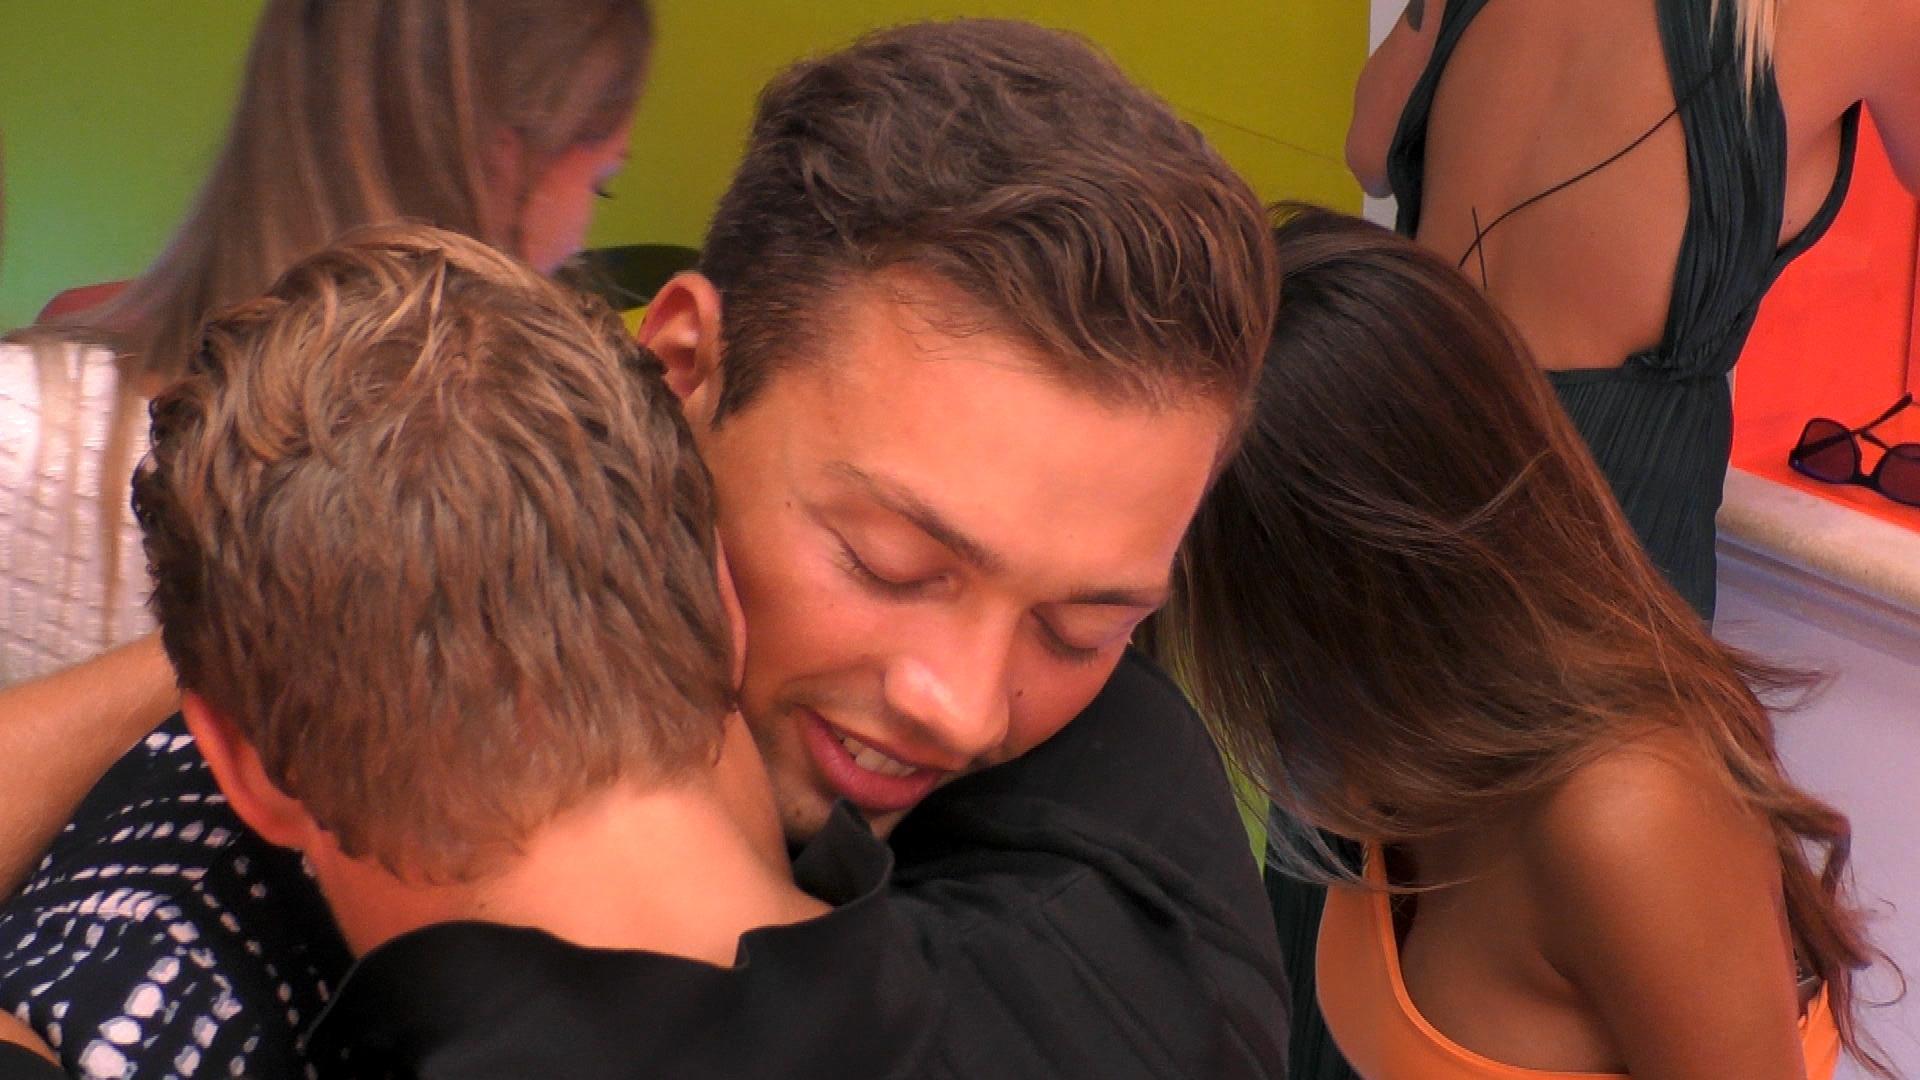 Henrik verabschiedet sich von seinem Kumpel Josua.